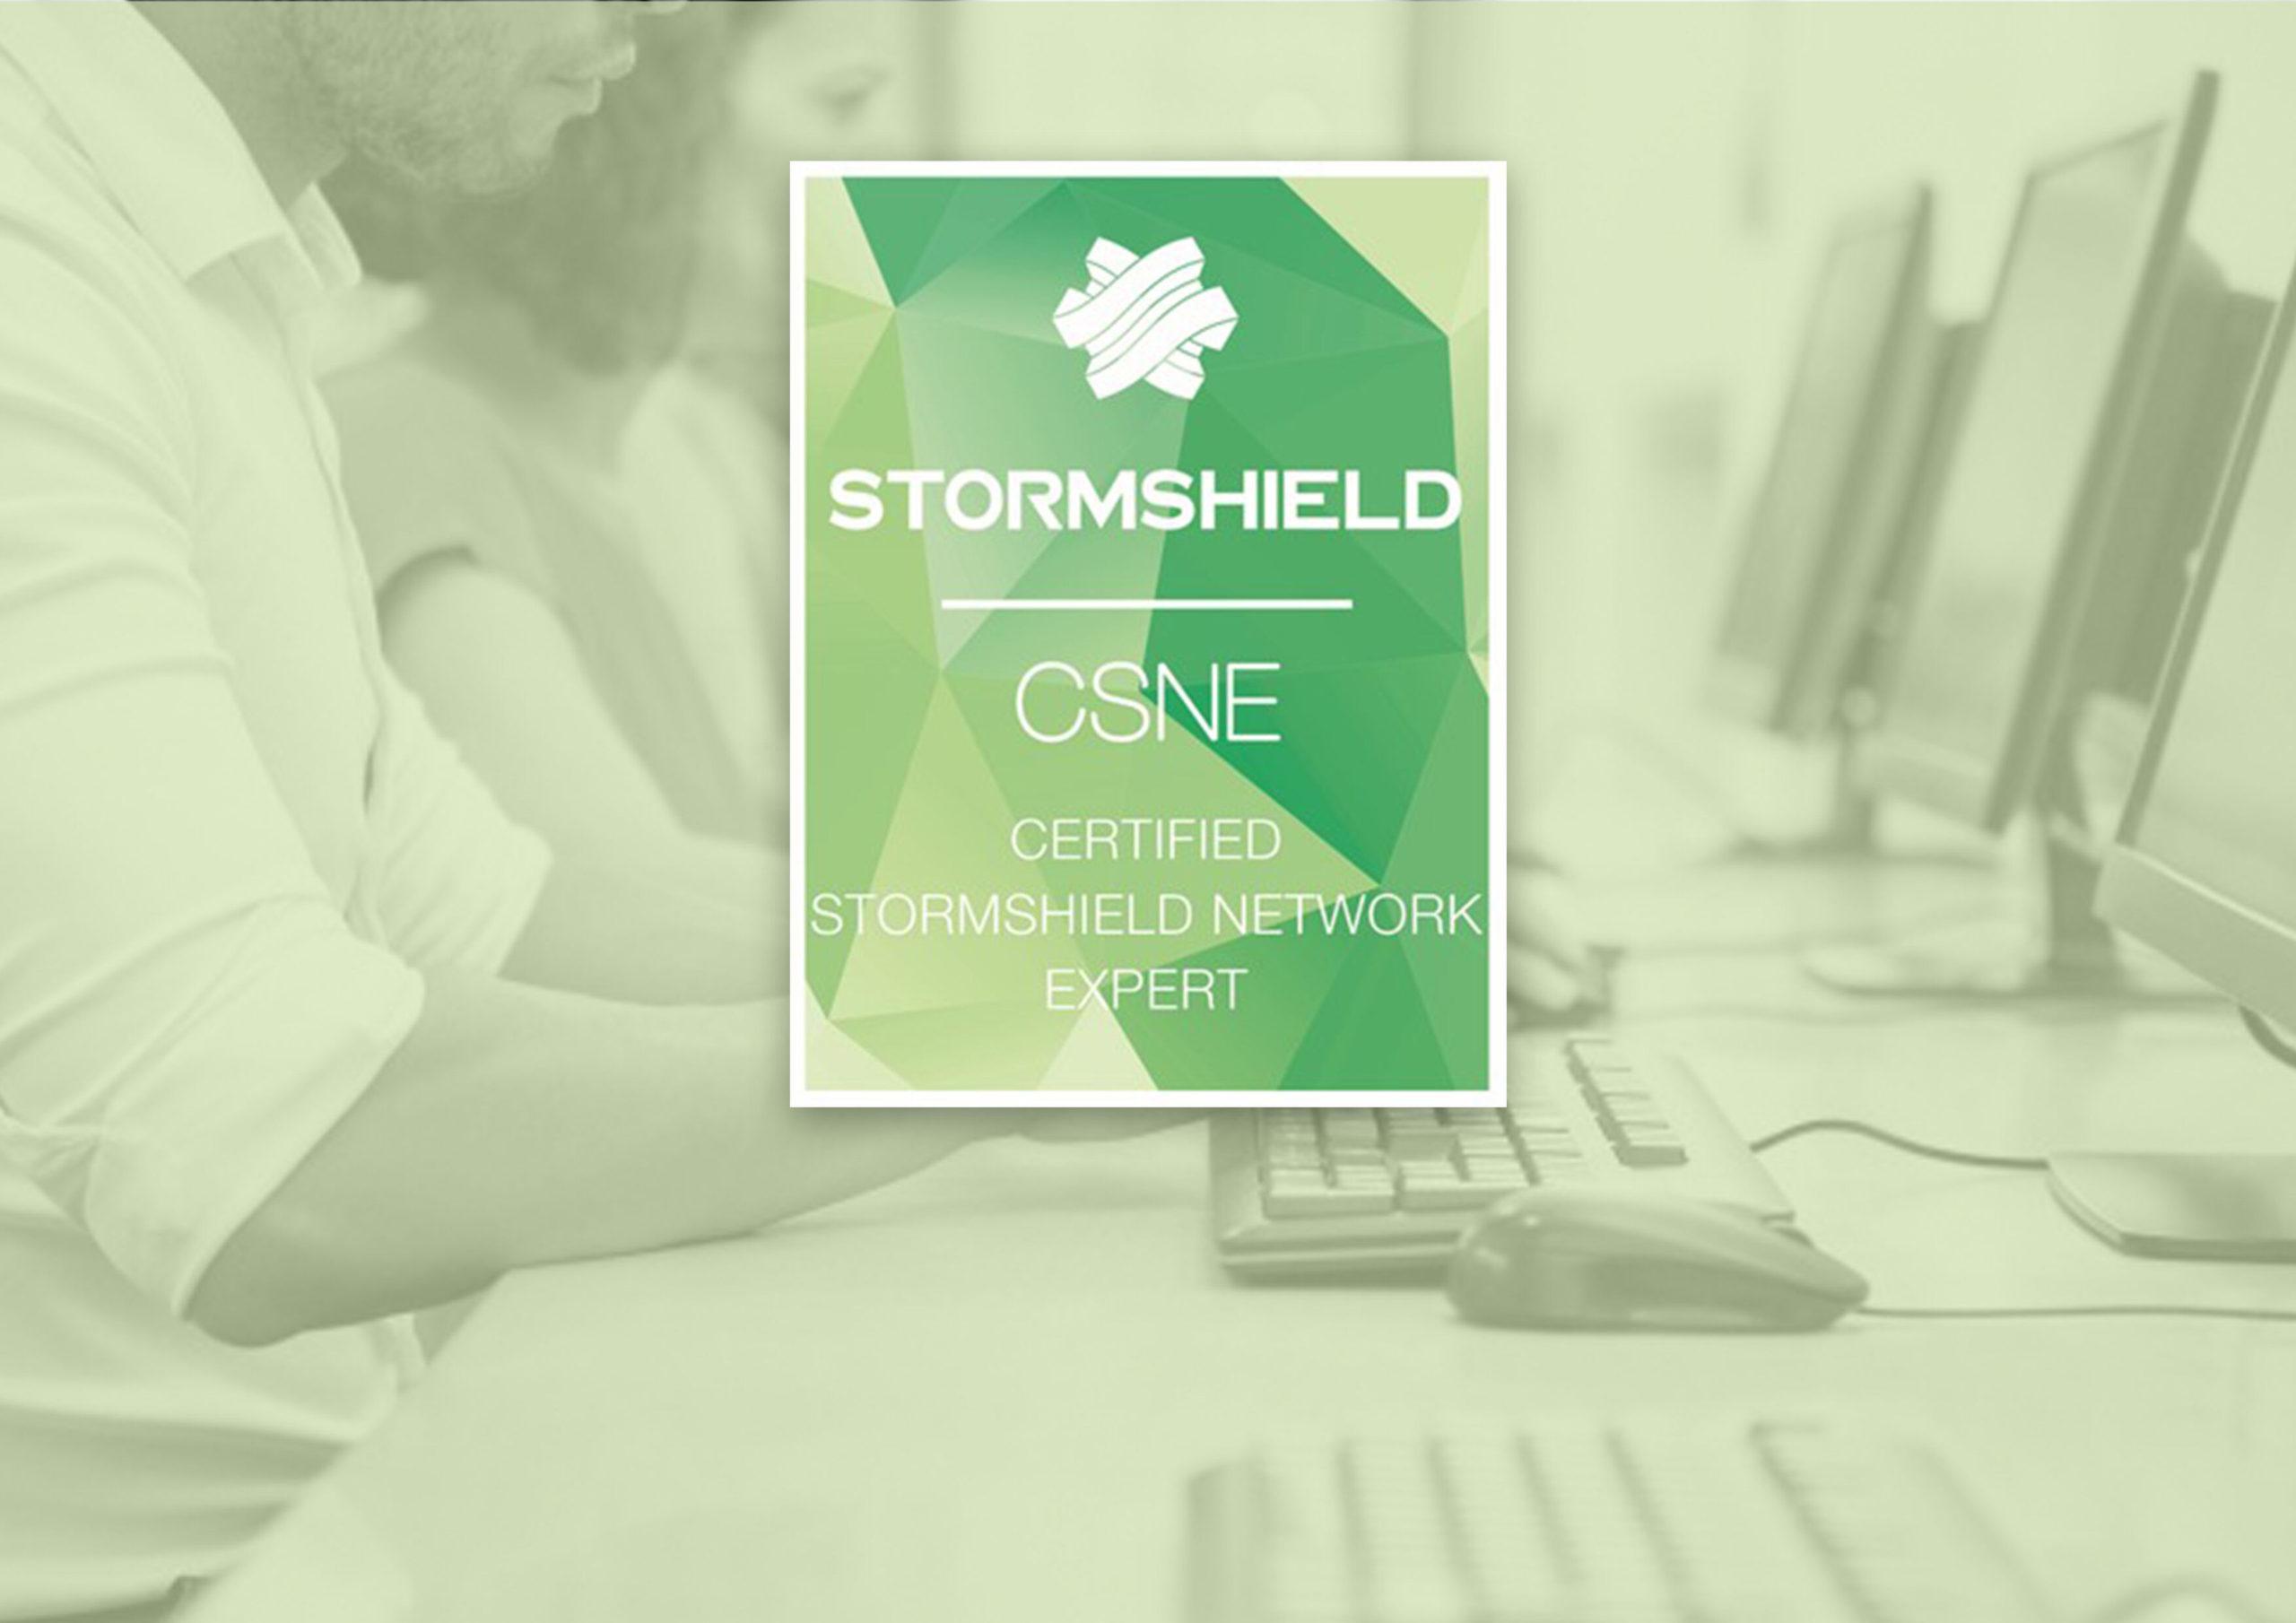 Renouvellement de la certification Stormshield Network Expert